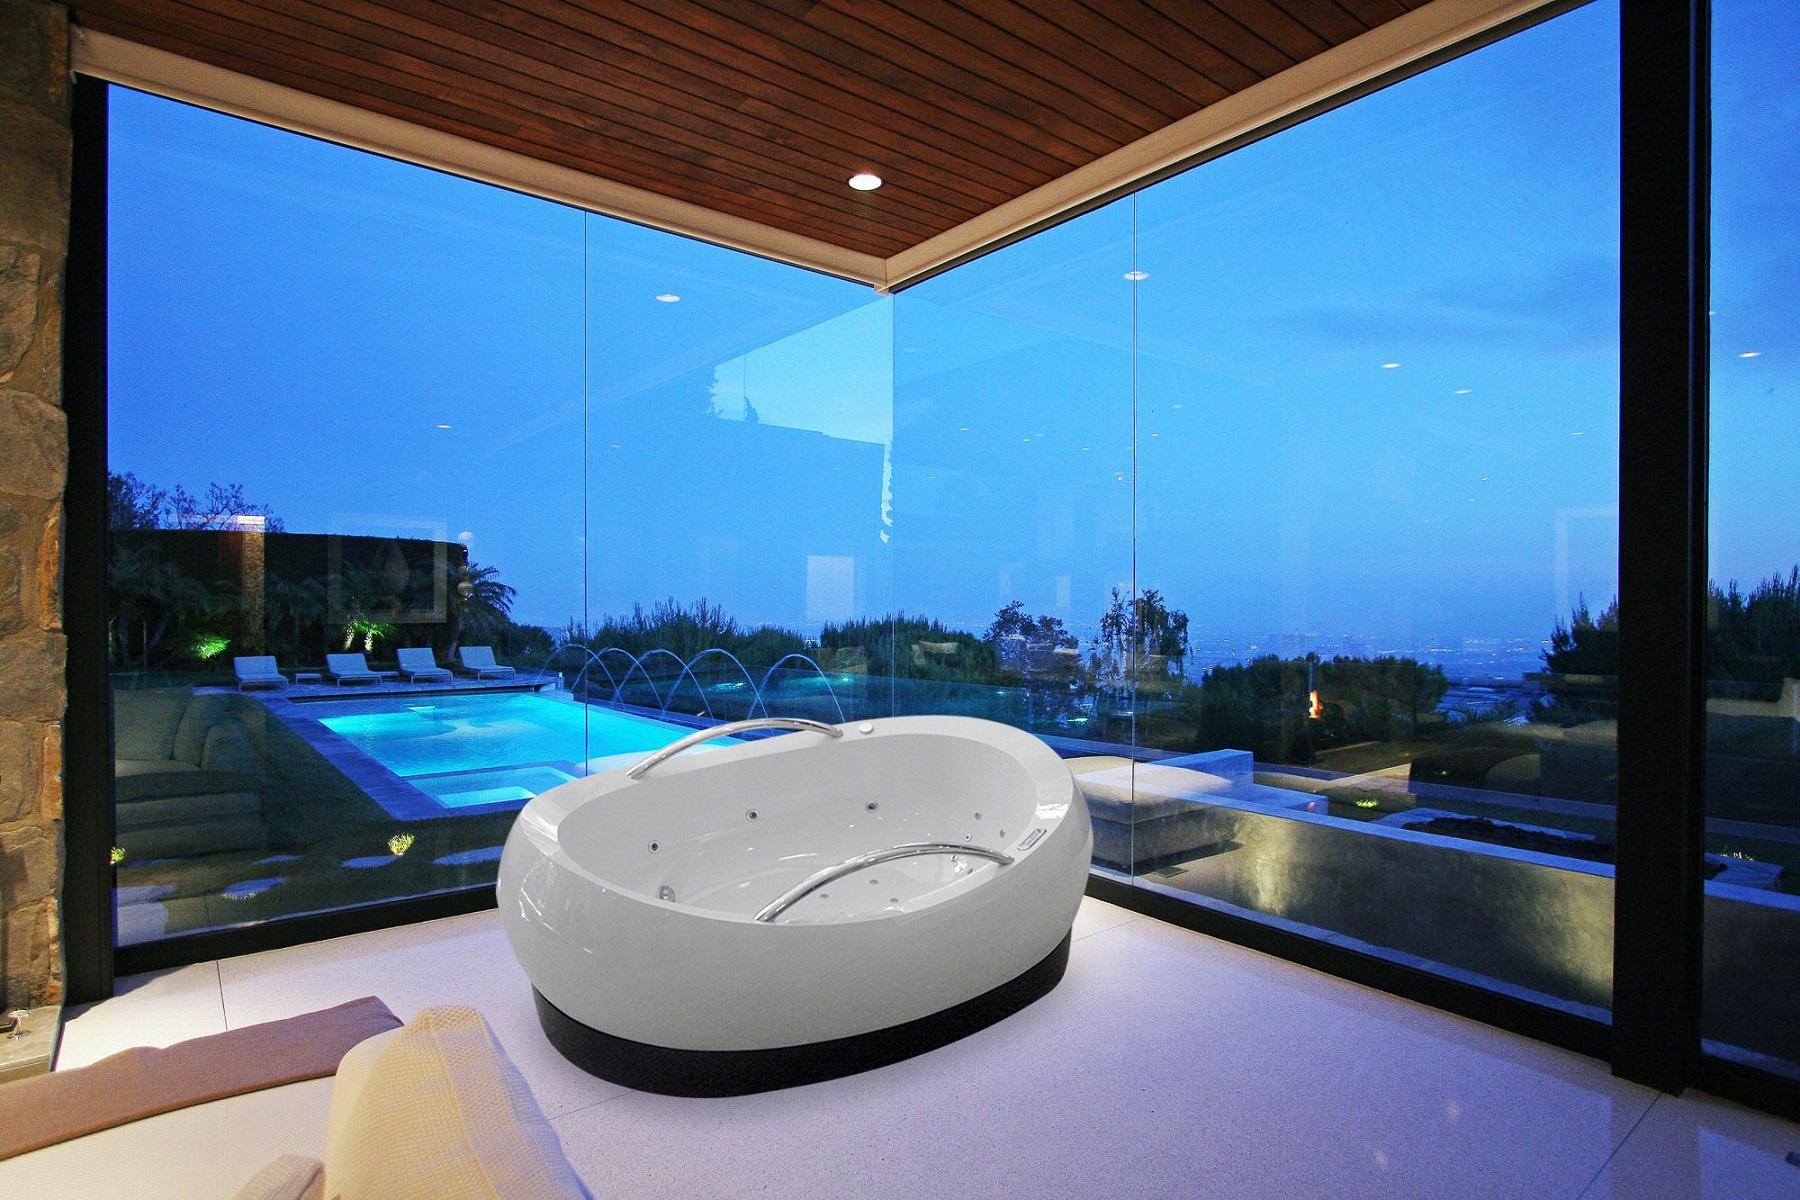 Admireme relax la vasca da bagno freestanding aquatica in misto acrilico composto - Come lucidare una vasca da bagno opaca ...